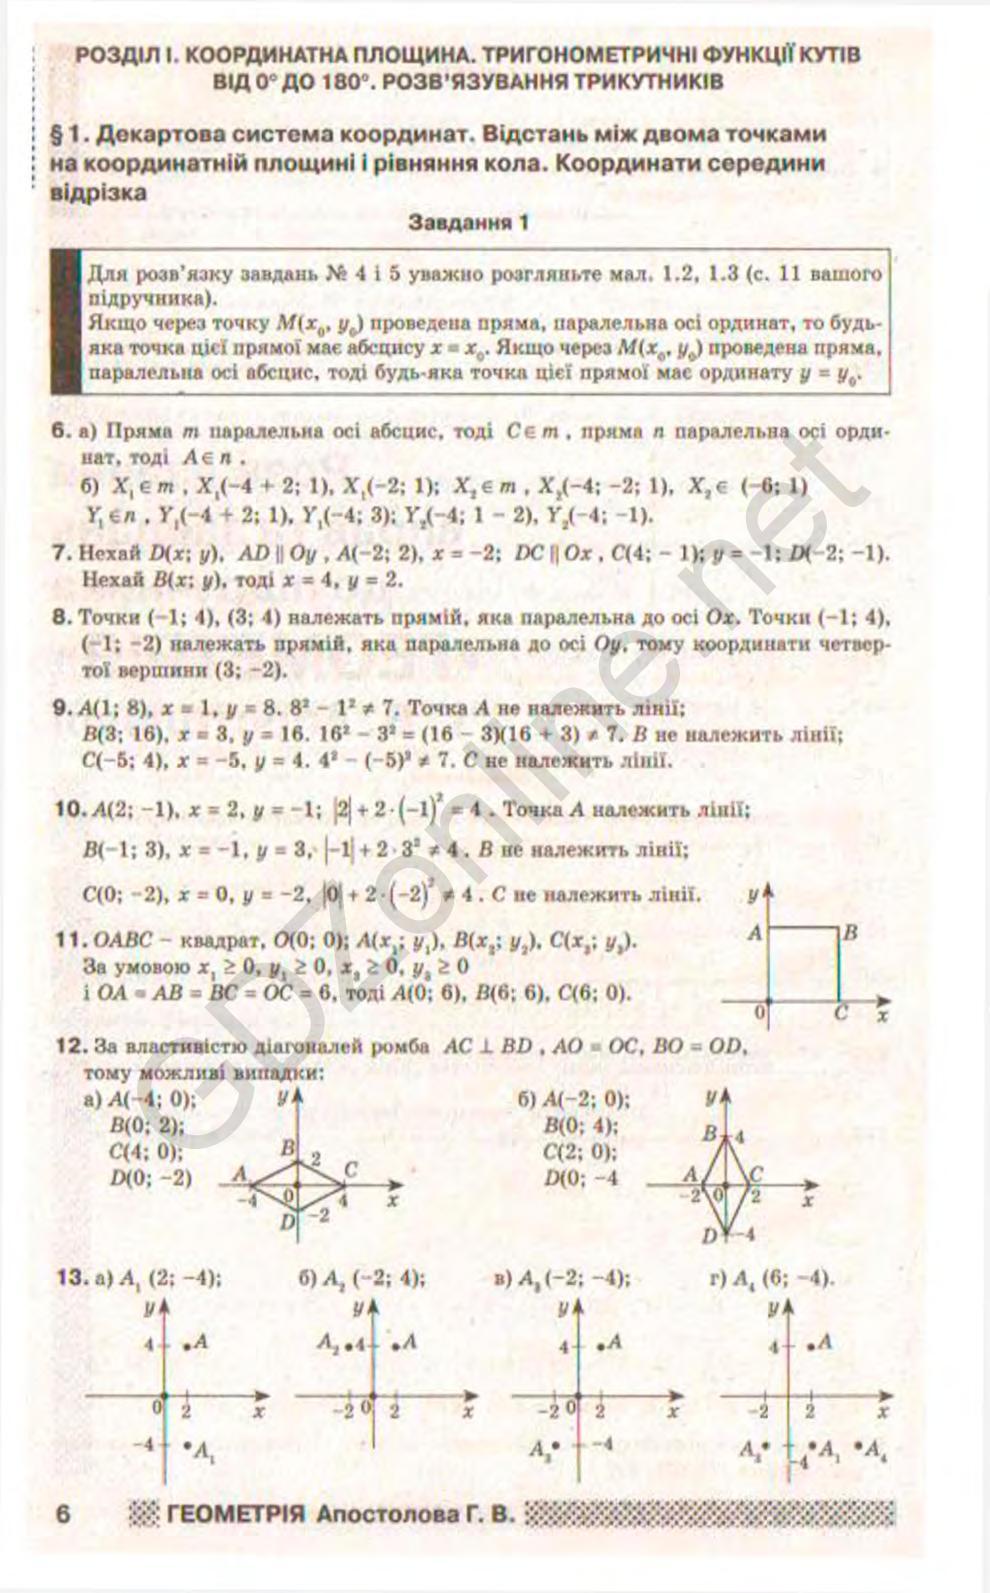 геометрия решебник9 клас апостолова